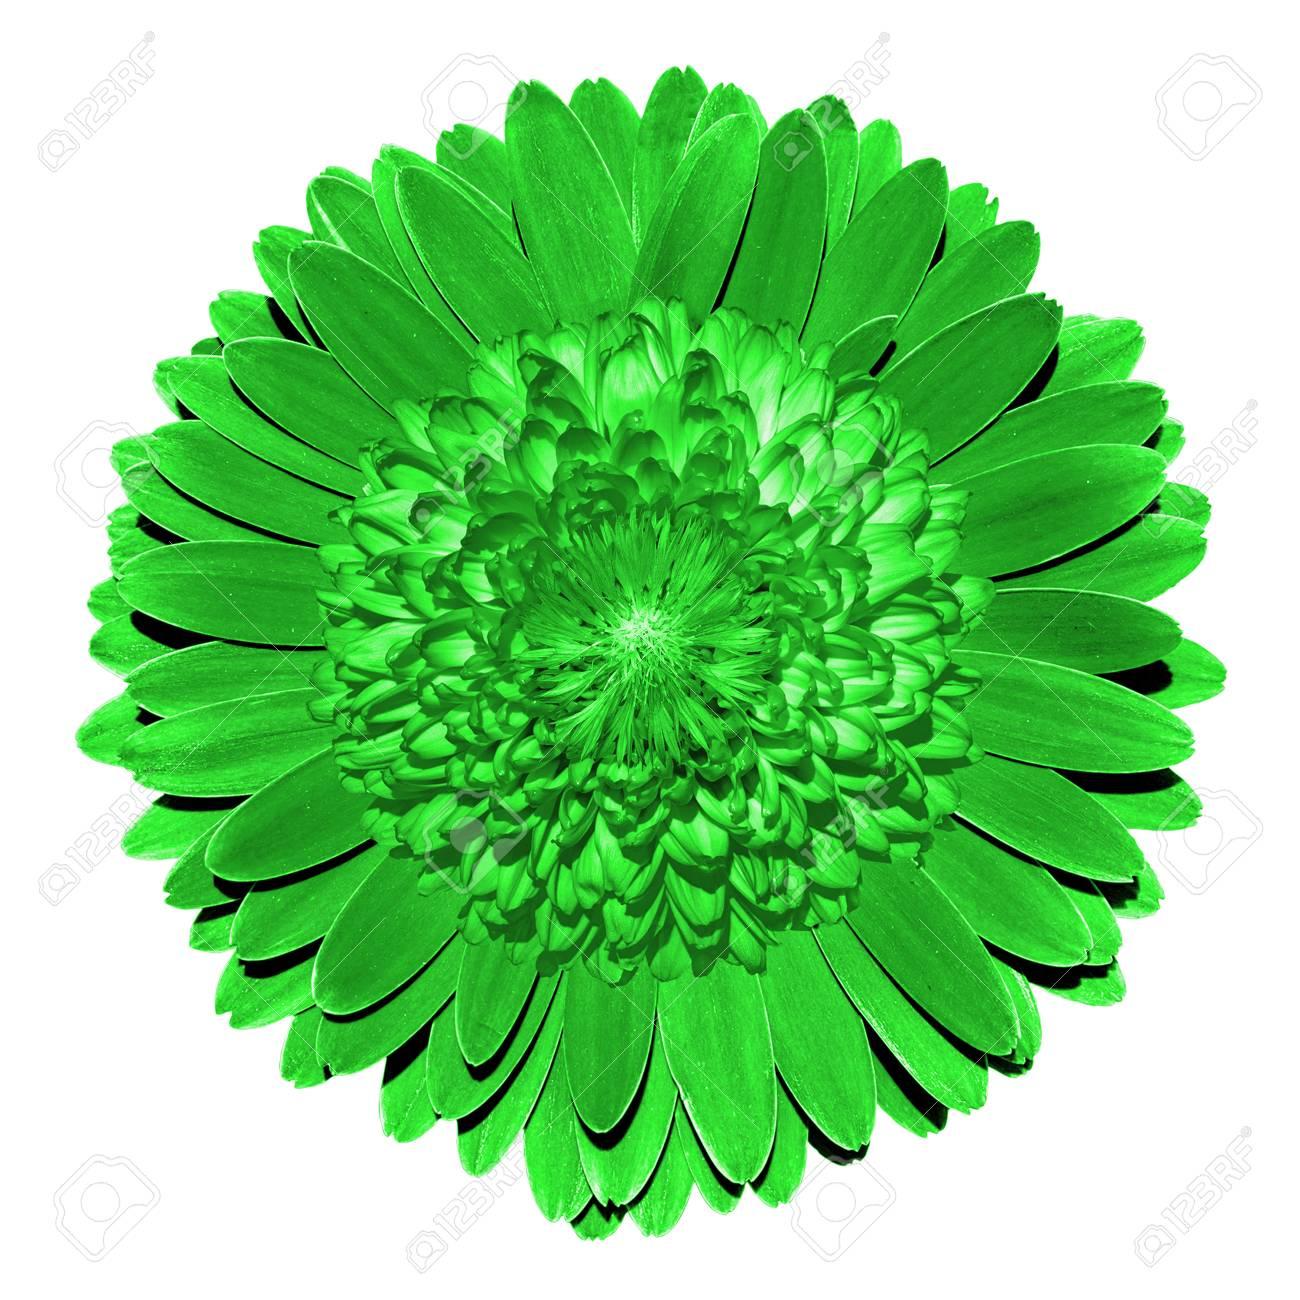 Imaginaire Surrealiste Fleur Verte Macro Isole Sur Blanc Banque D